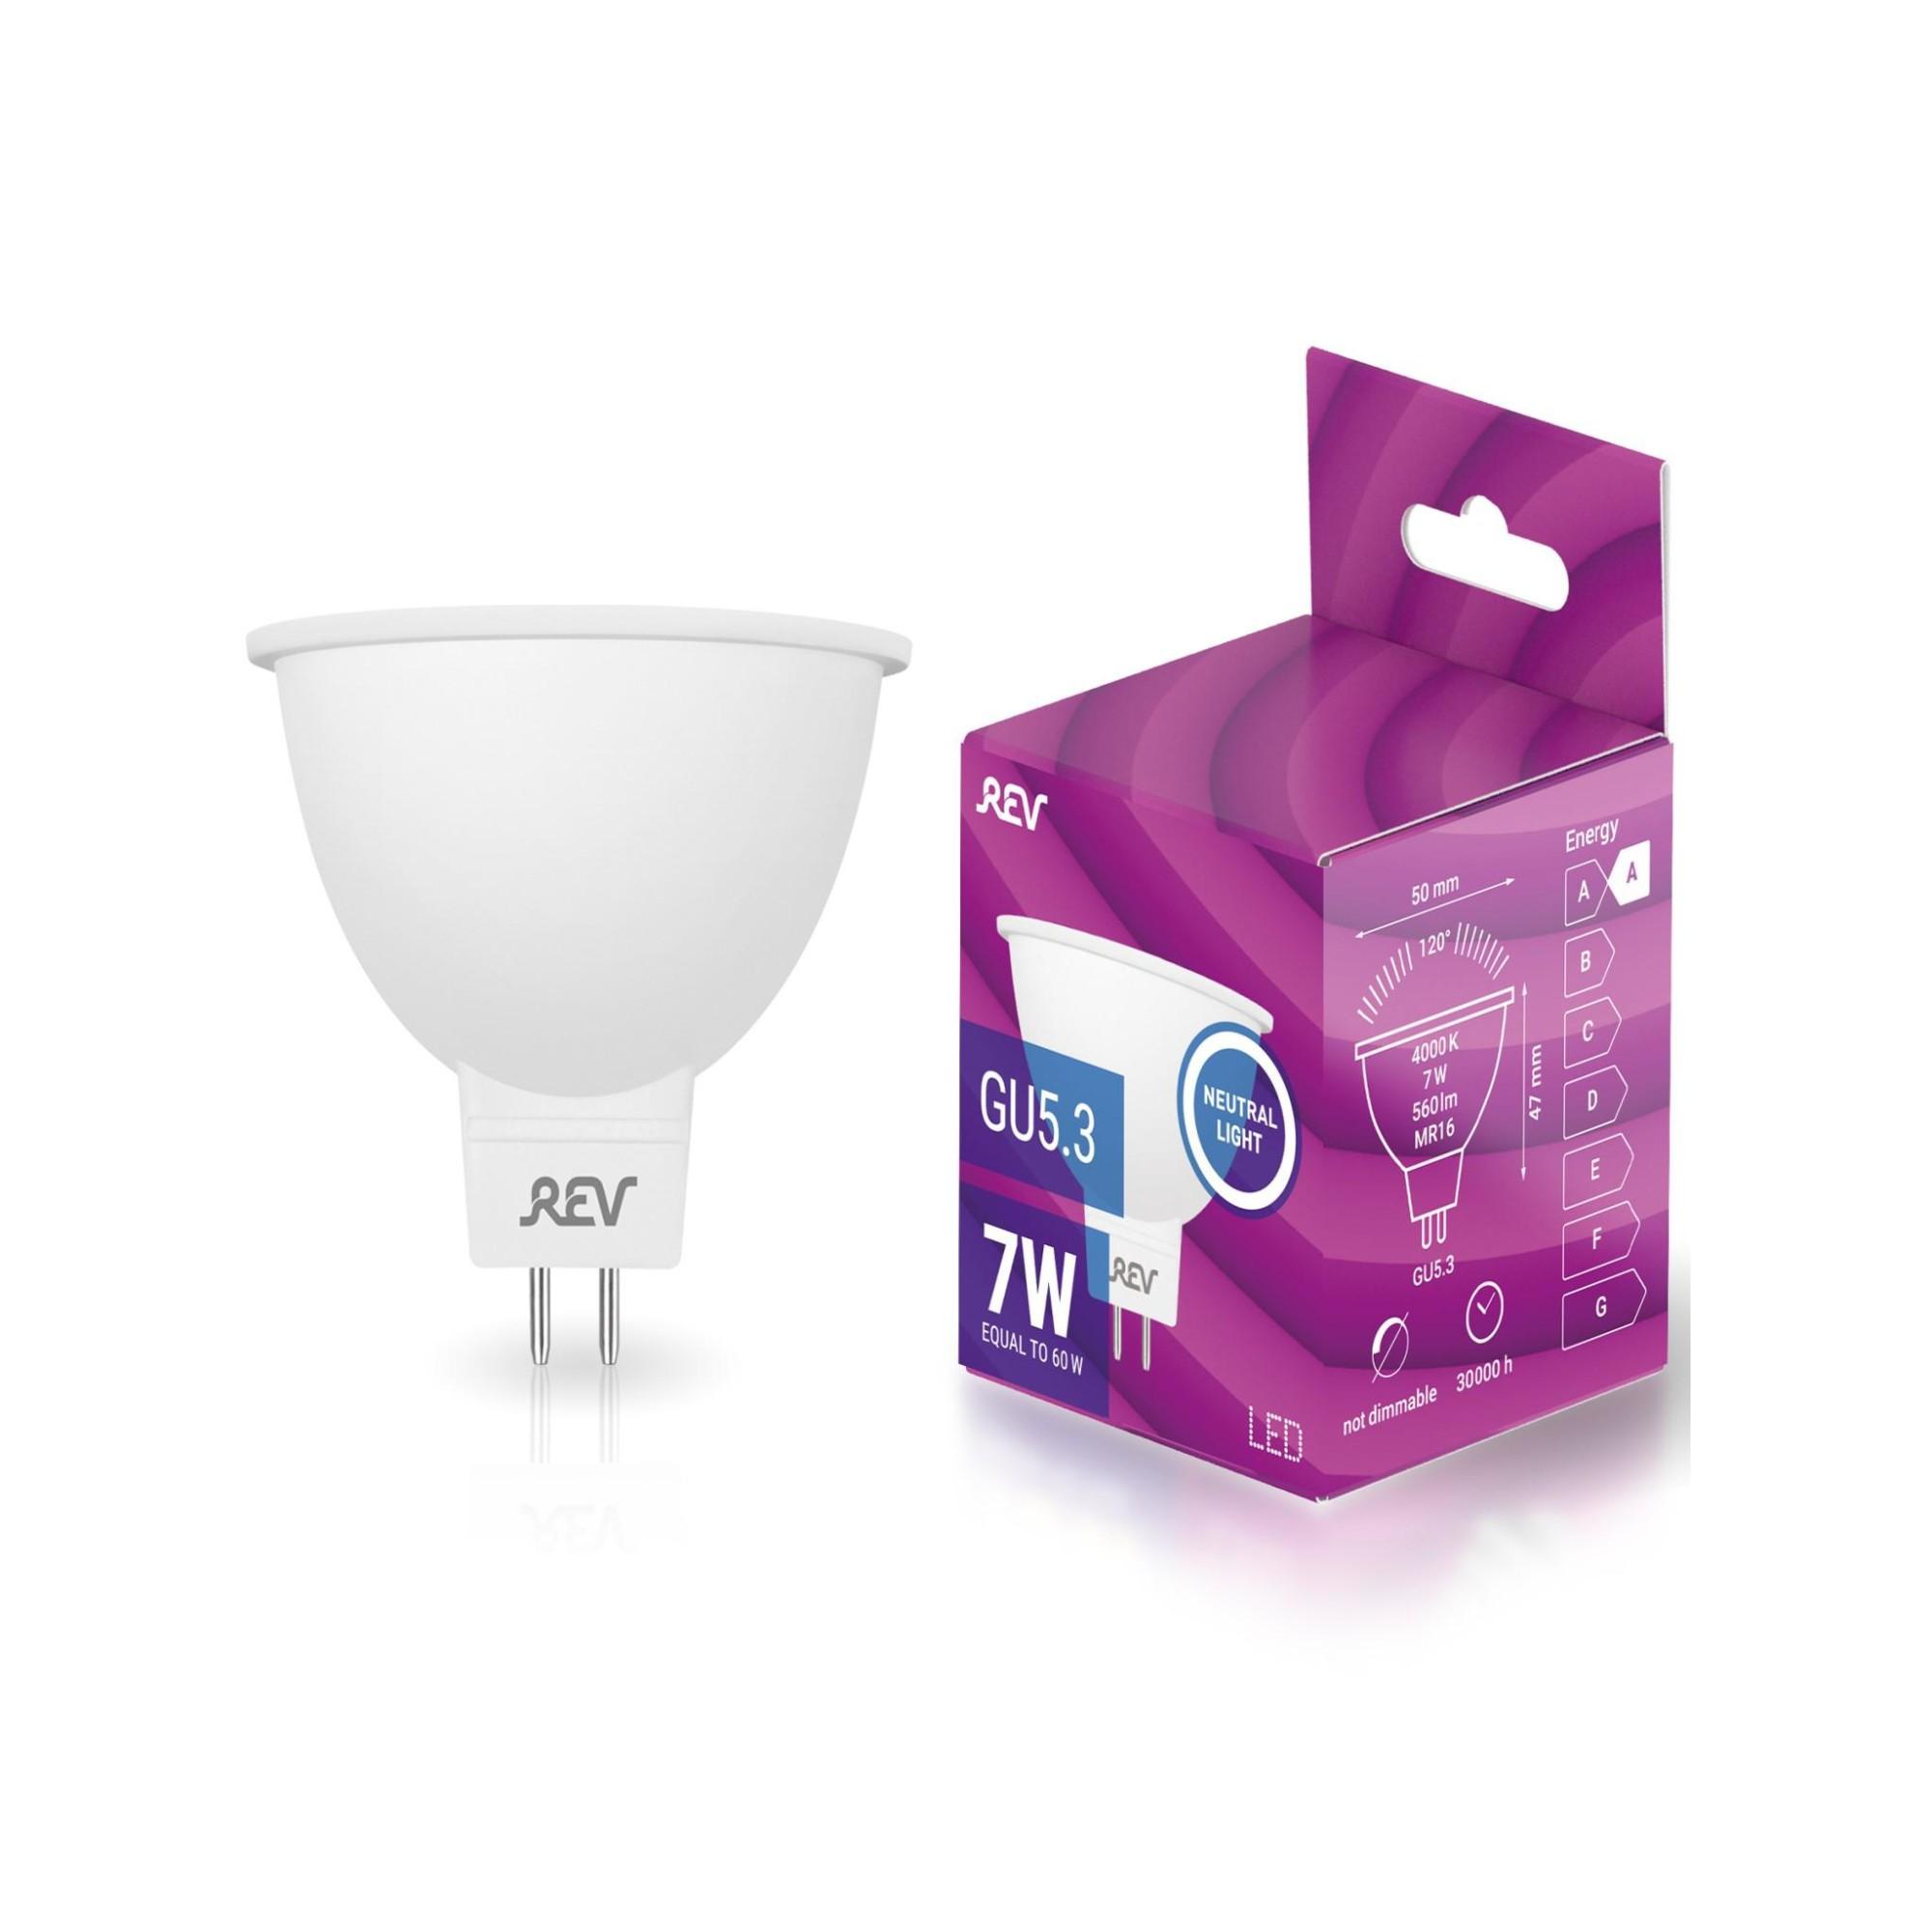 Лампа REV светодиодная GU5.3 7 Вт 560 Лм Нейтральный белый